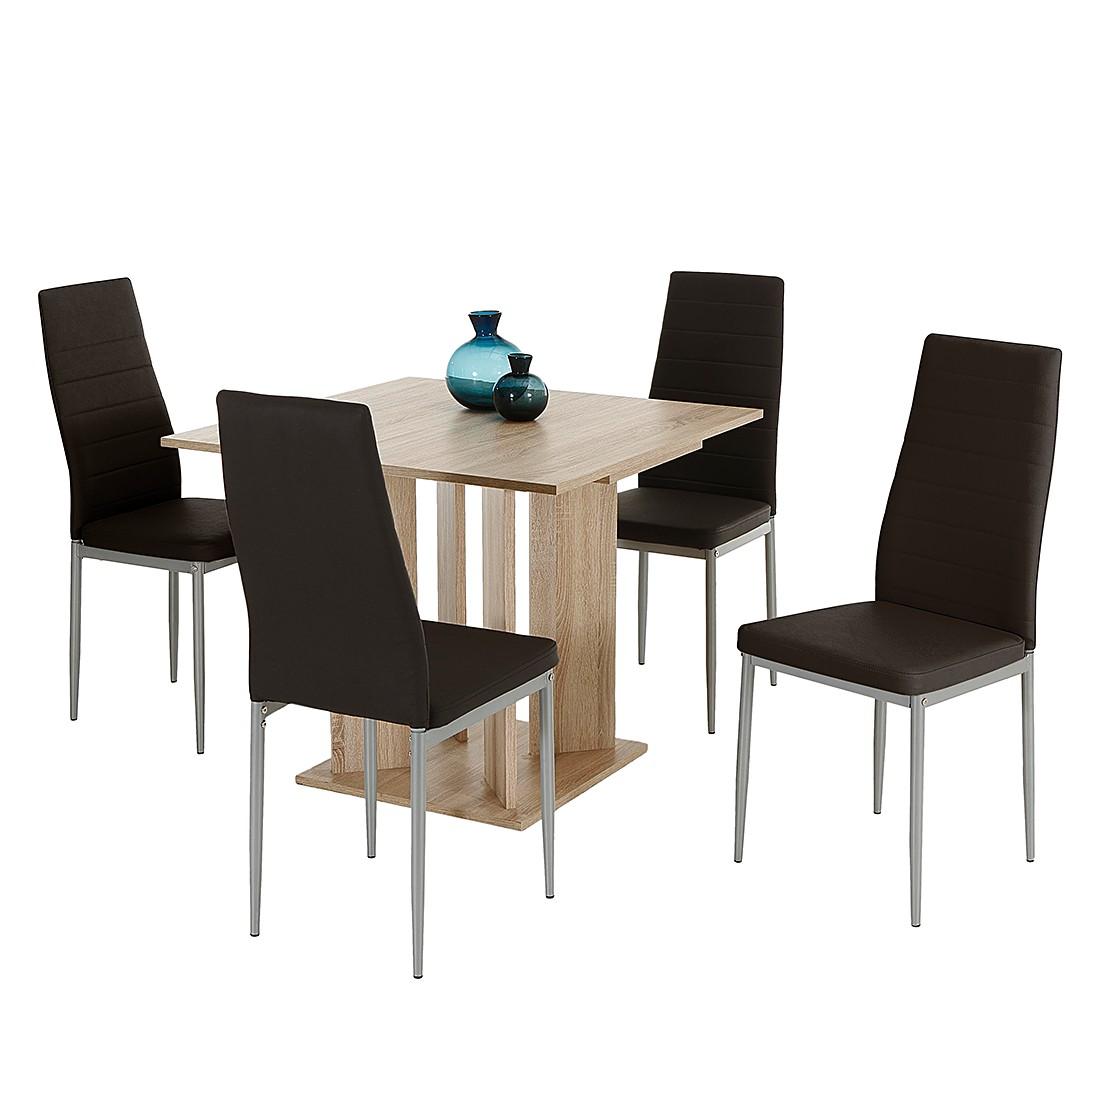 Essgruppe Esens (5-teilig) – Braun/Eiche Dekor, Home Design jetzt bestellen